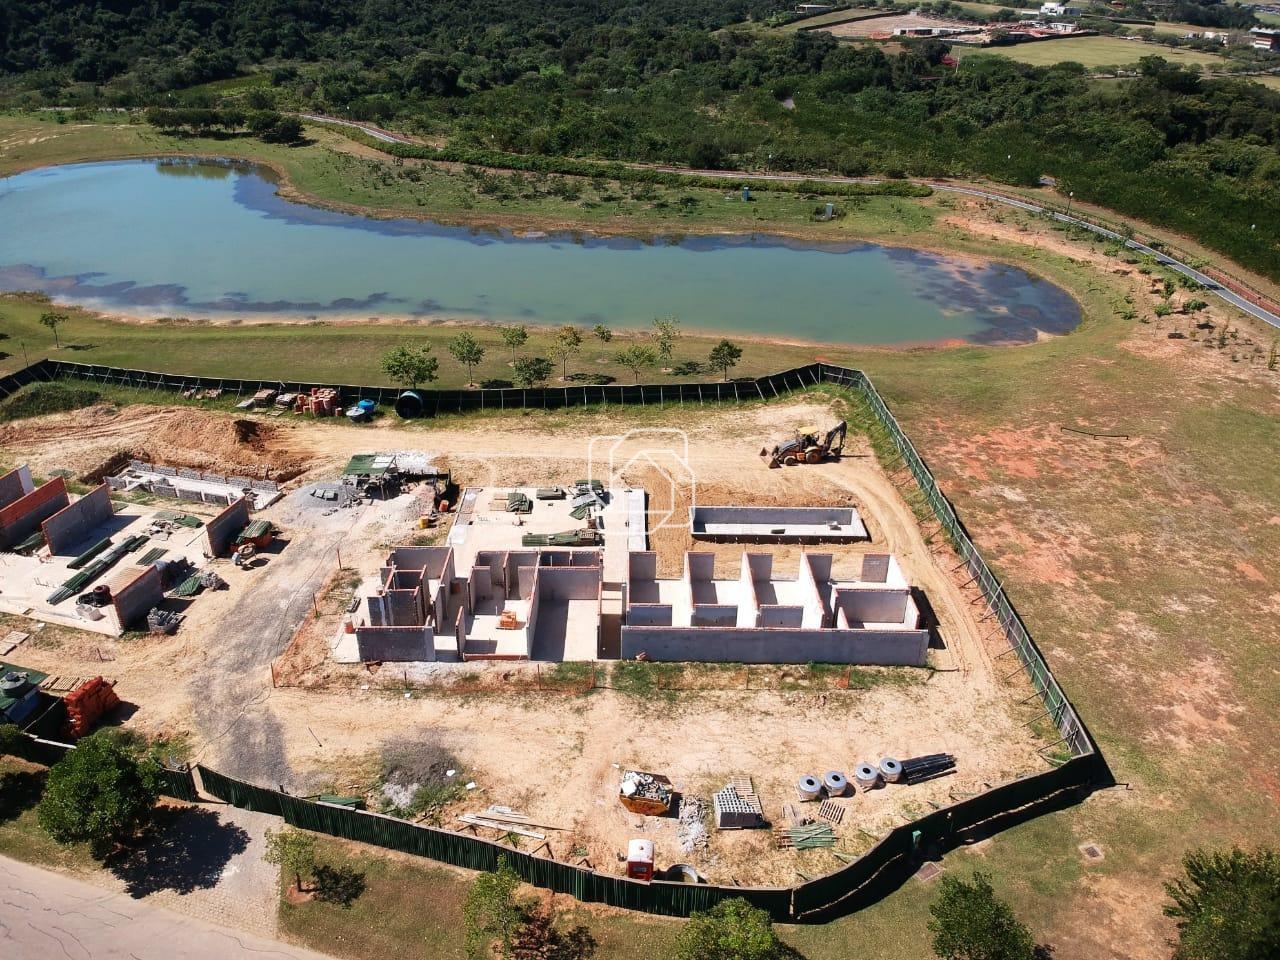 Casa de Condomínio à venda no Condomínio Fazenda Boa Vista: Canteiro de obras do imóvel